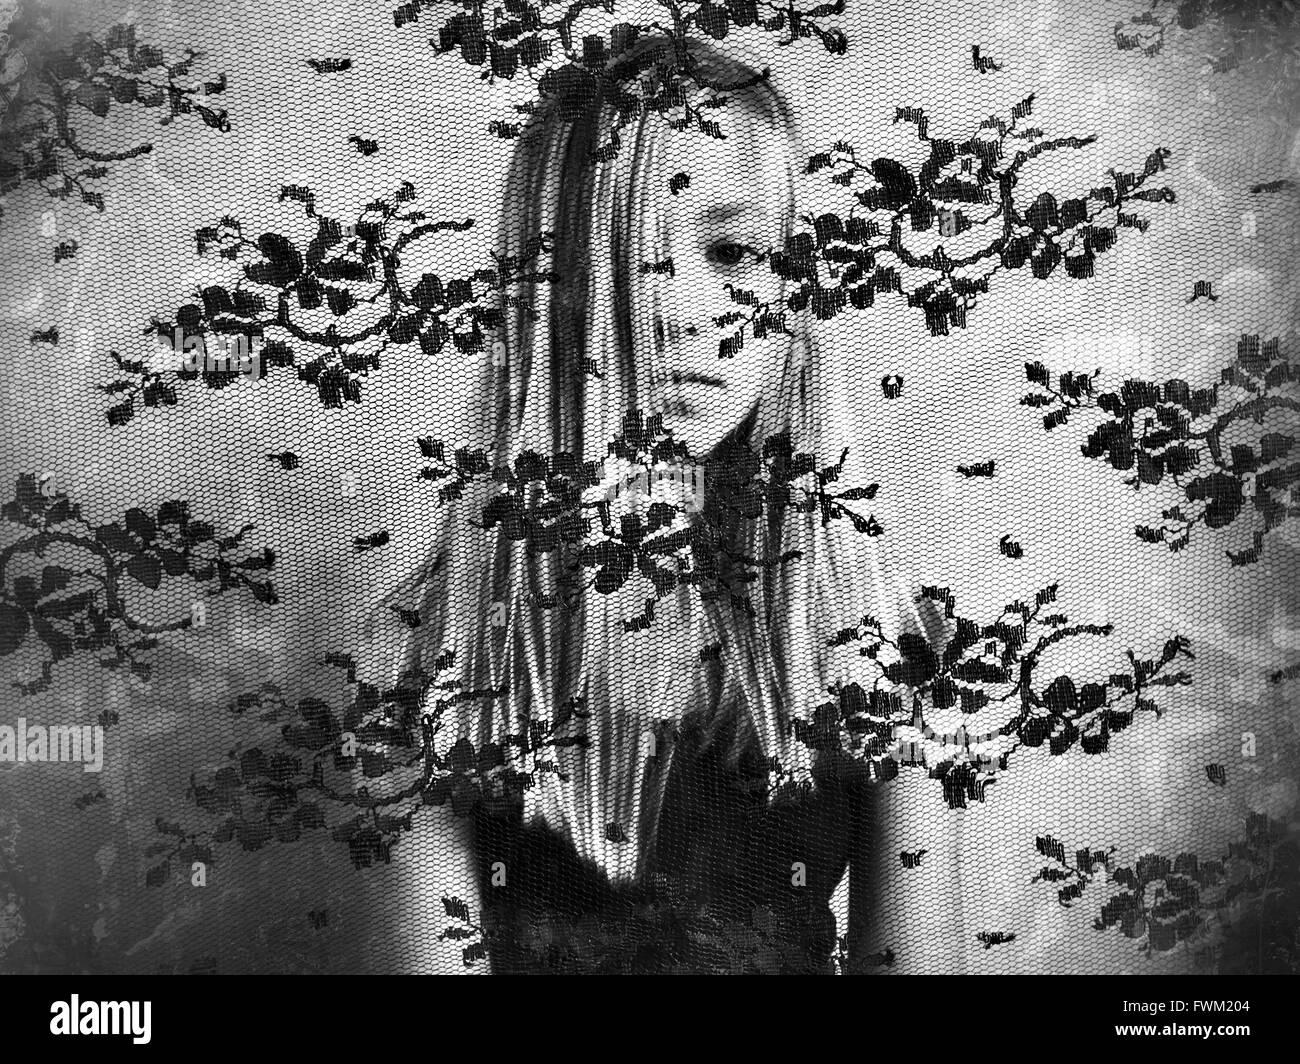 Portrait of Girl Face couverte de cheveux vu de tissu Net Banque D'Images